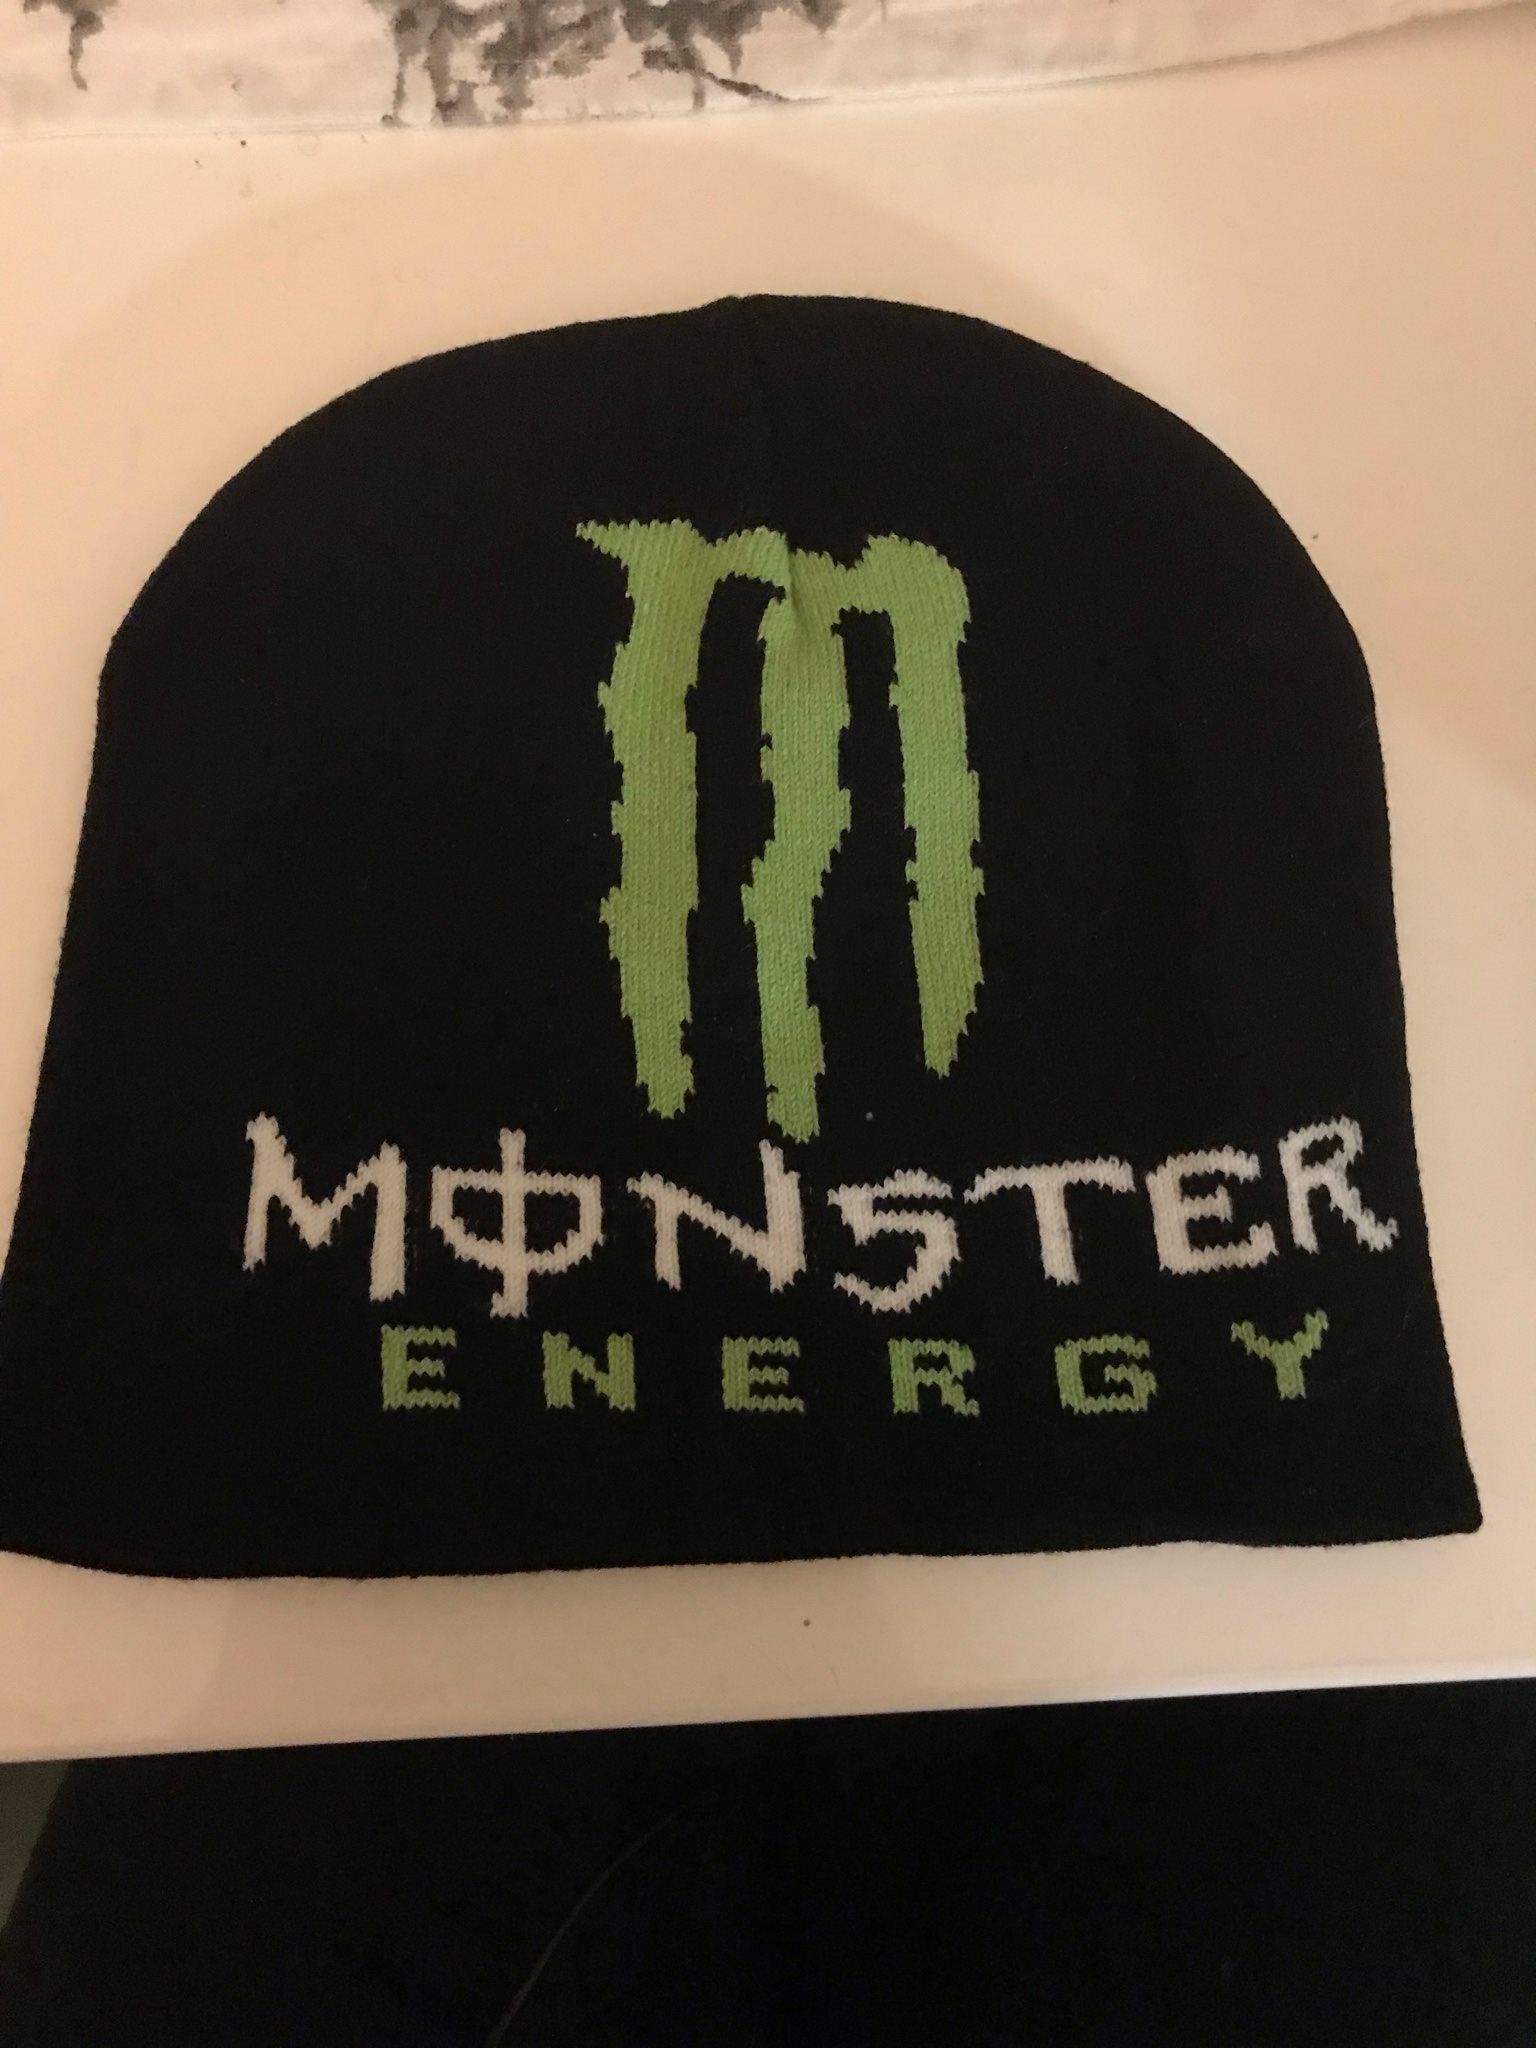 Monster energy mössa - HELT NY! (336563876) ᐈ Köp på Tradera f2967e5e9b9a0